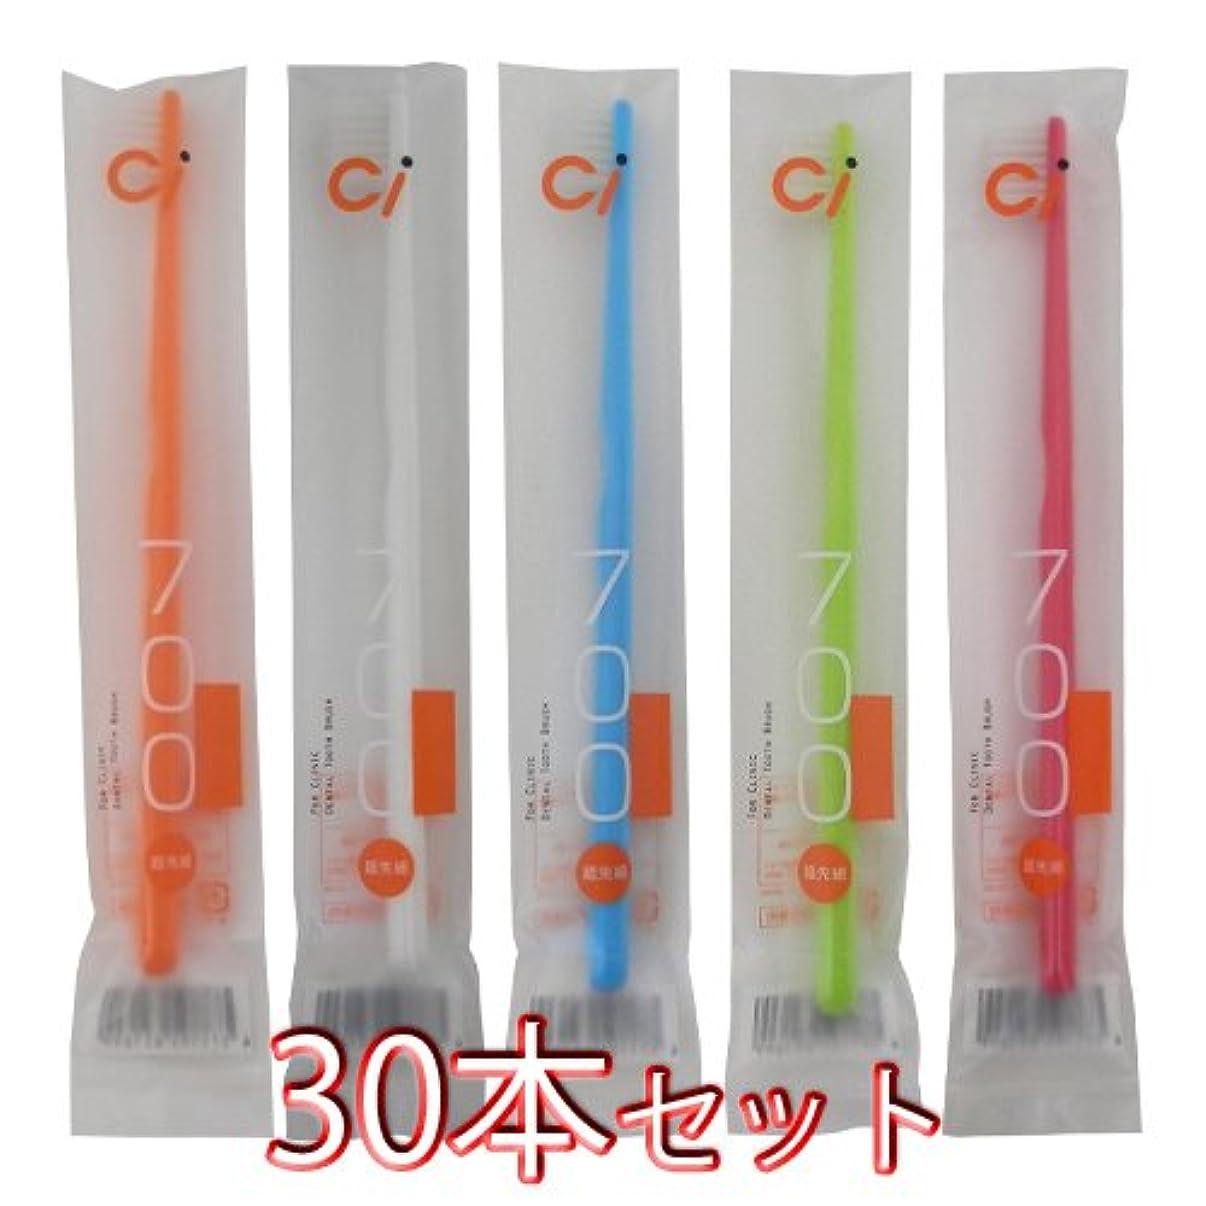 ぴかぴか共同選択五Ciメディカル Ci700 超先細 ラウンド毛 歯ブラシ(Mふつう) 30本セット